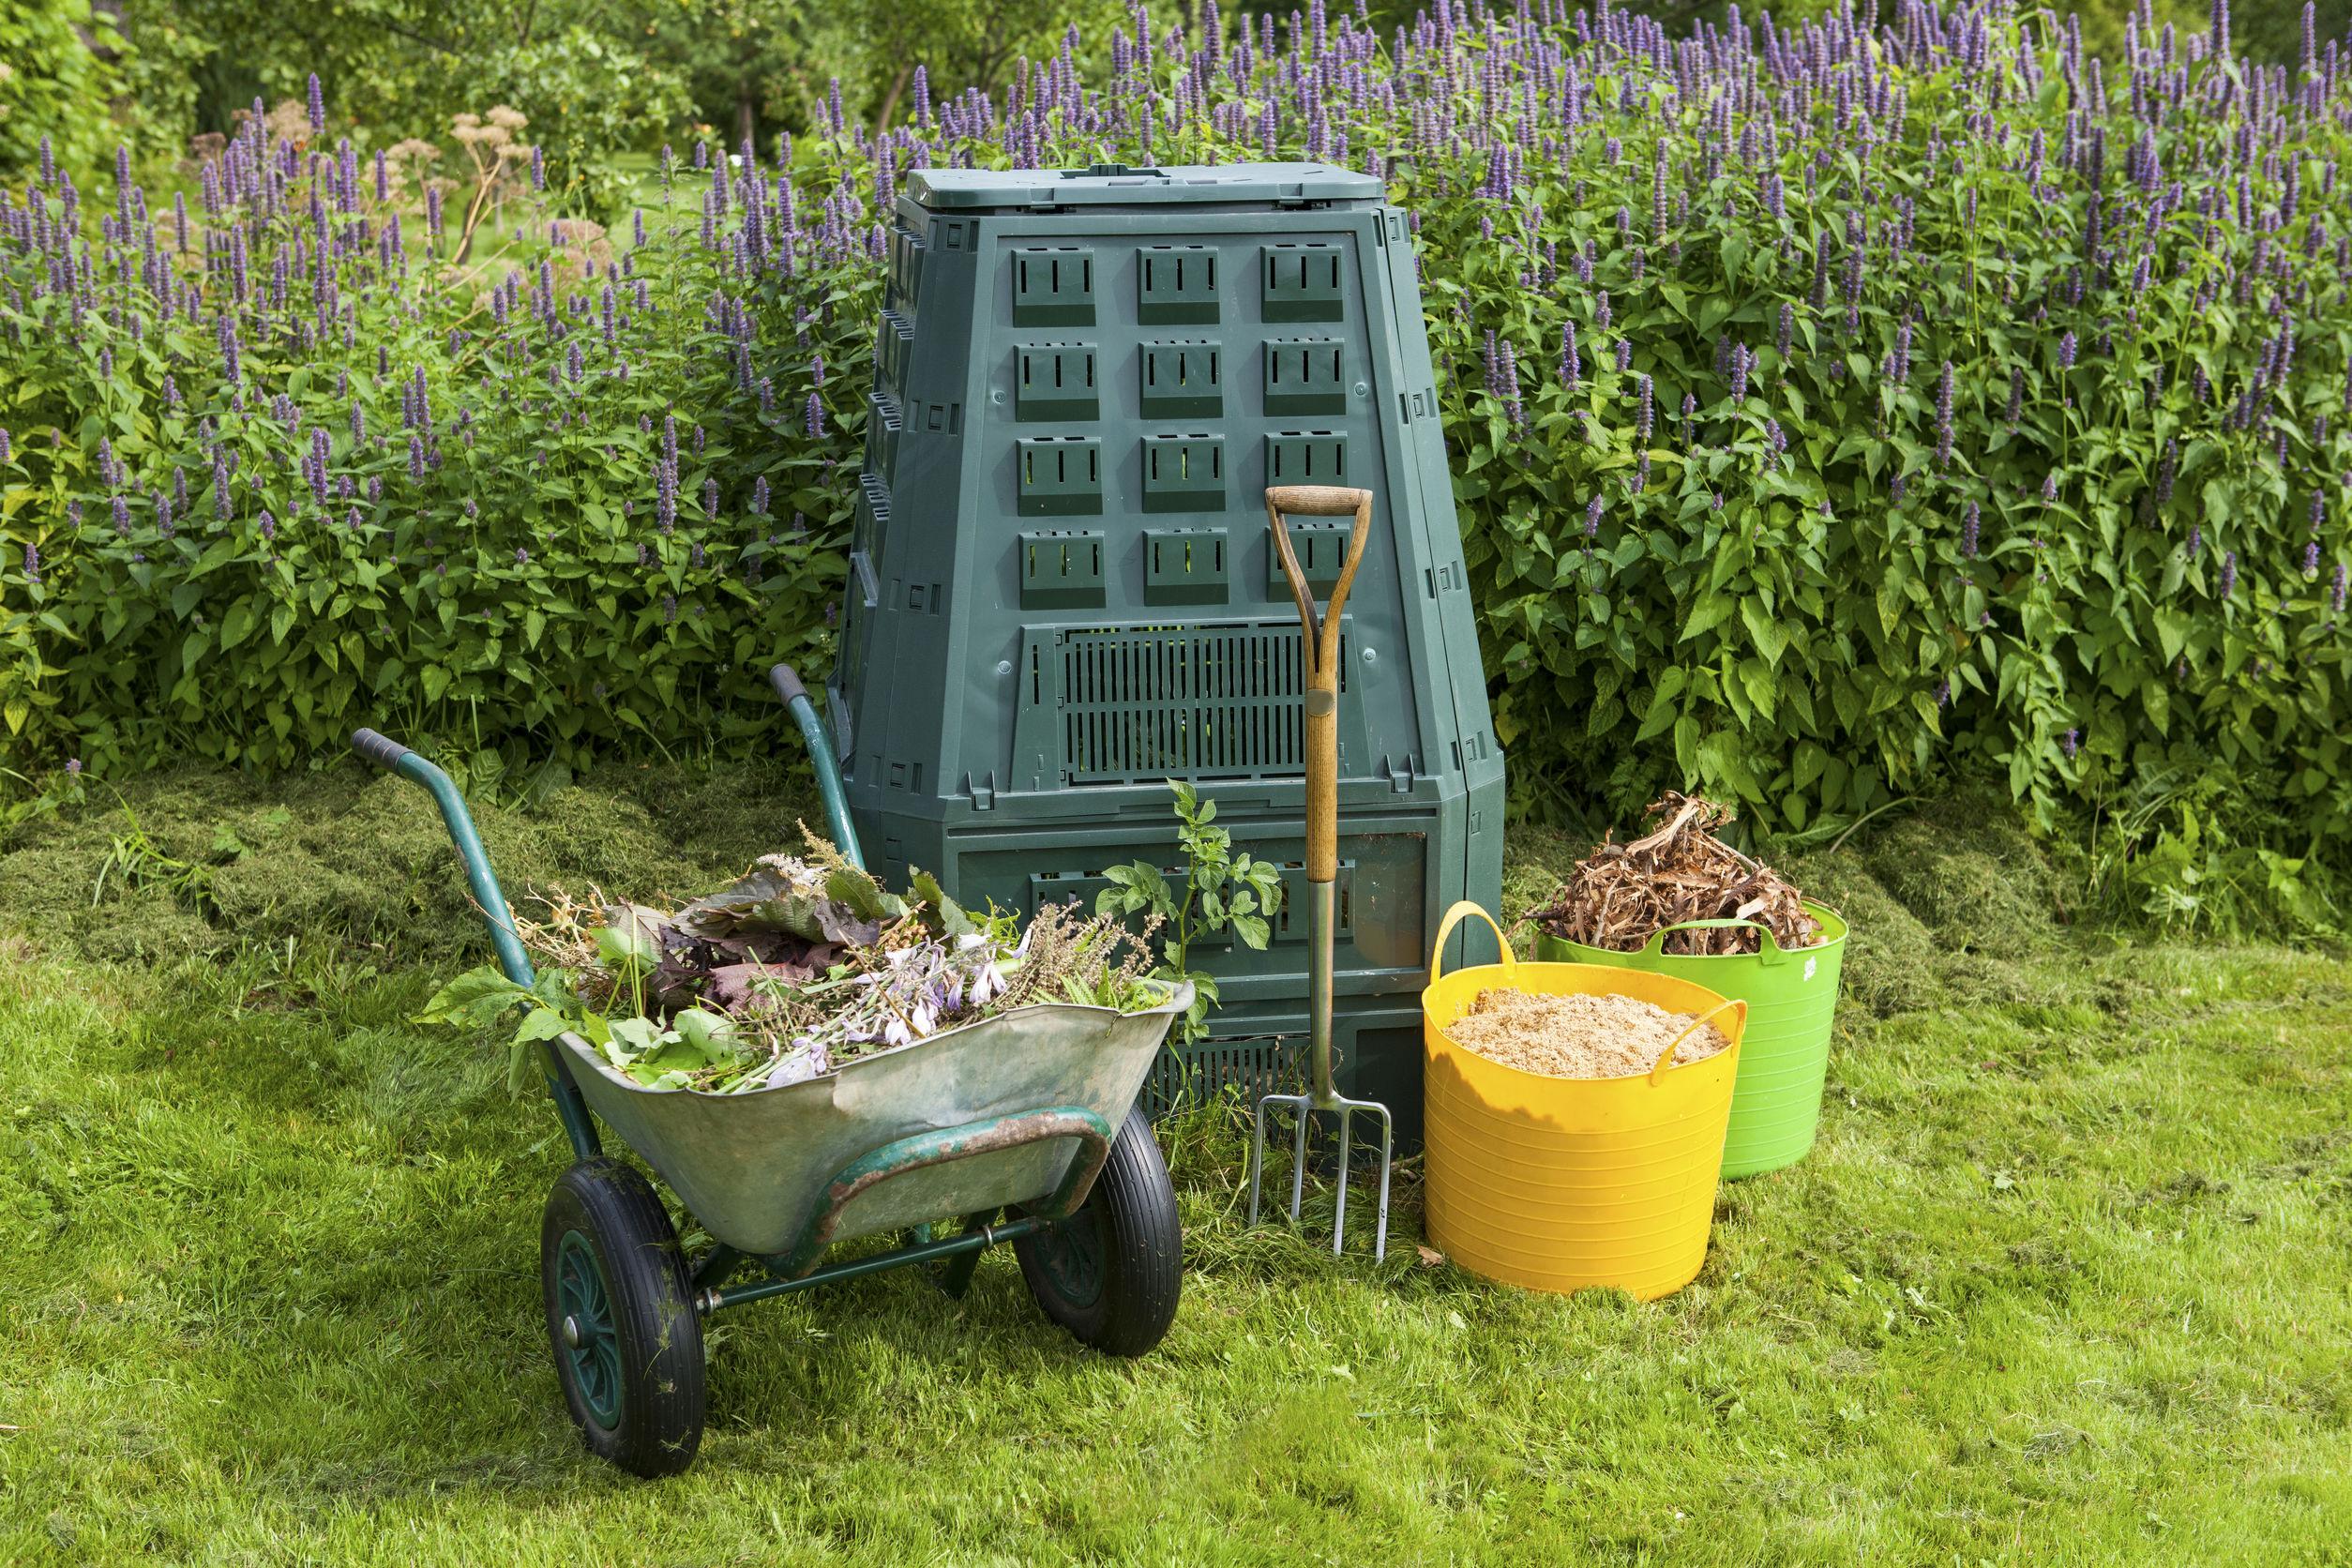 Gartenhäcksler